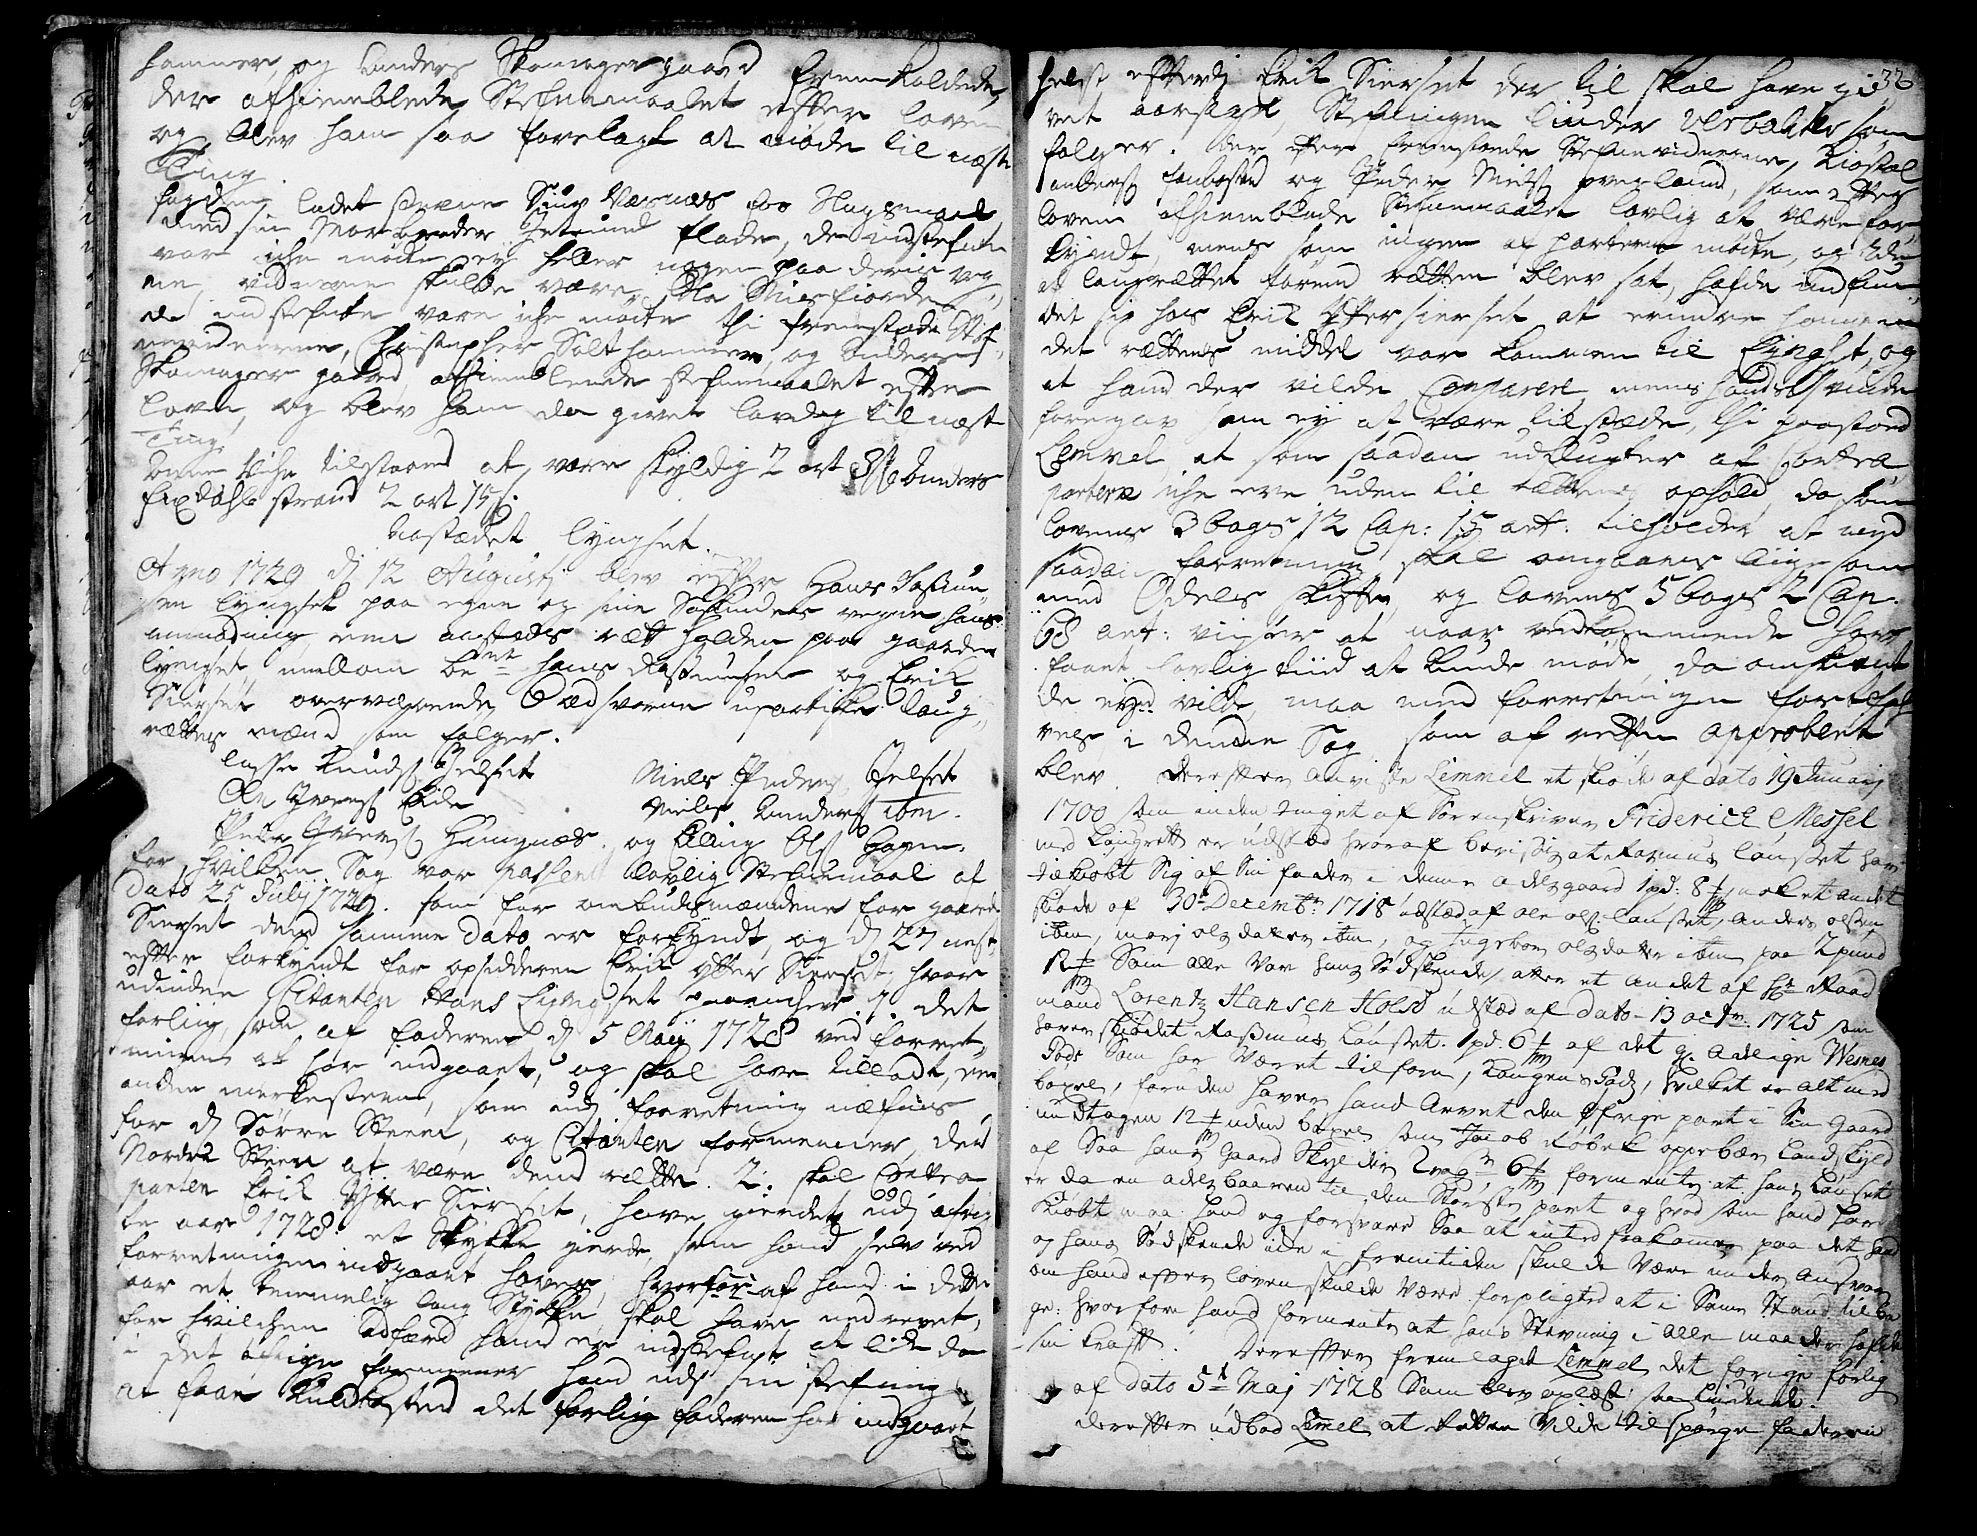 SAT, Romsdal sorenskriveri, 1/1A/L0010: Tingbok, 1728-1732, s. 32